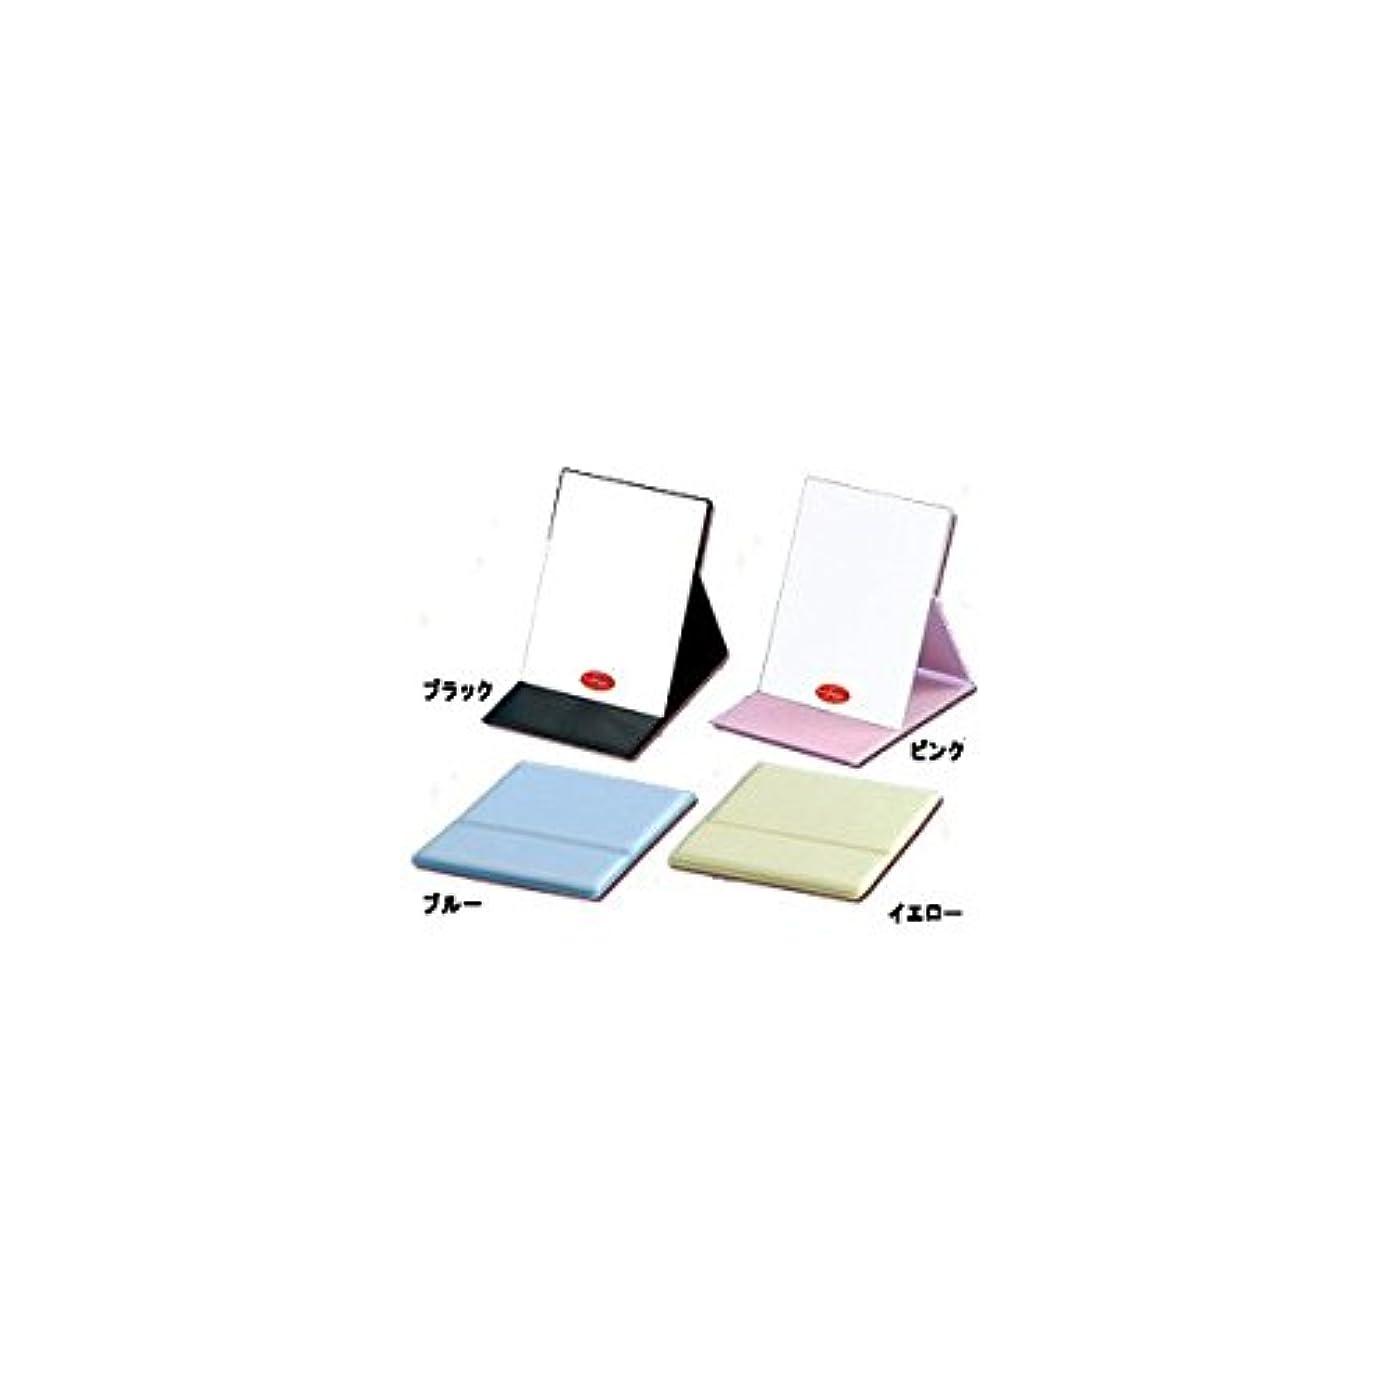 リングバック統計絶壁ナピュア プロモデル カラーバージョン折立ミラー M ピンク